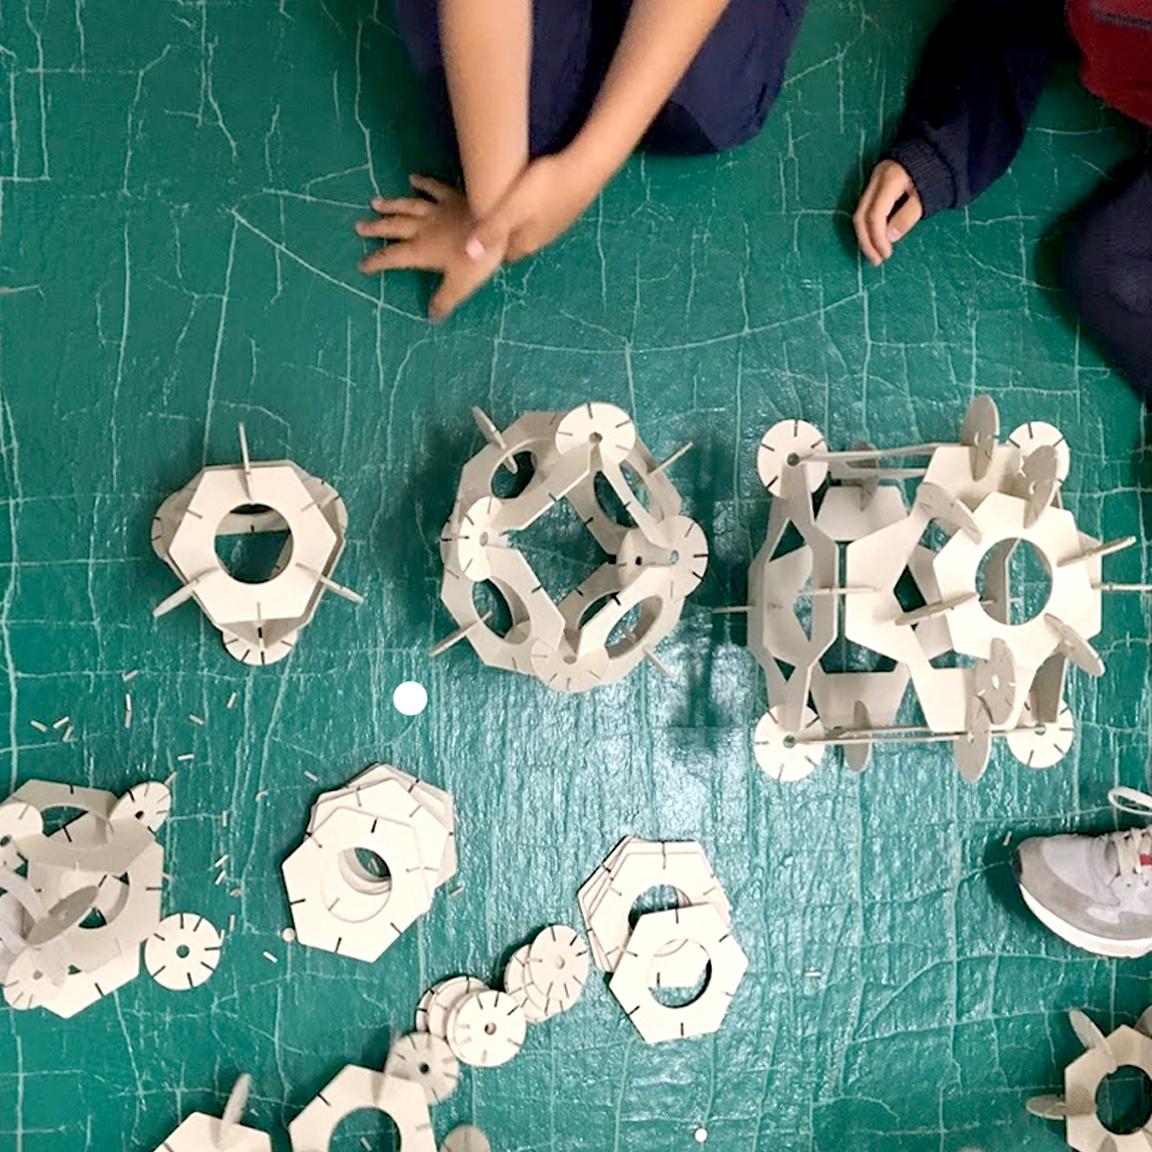 actividades de aprendizaje - colegios